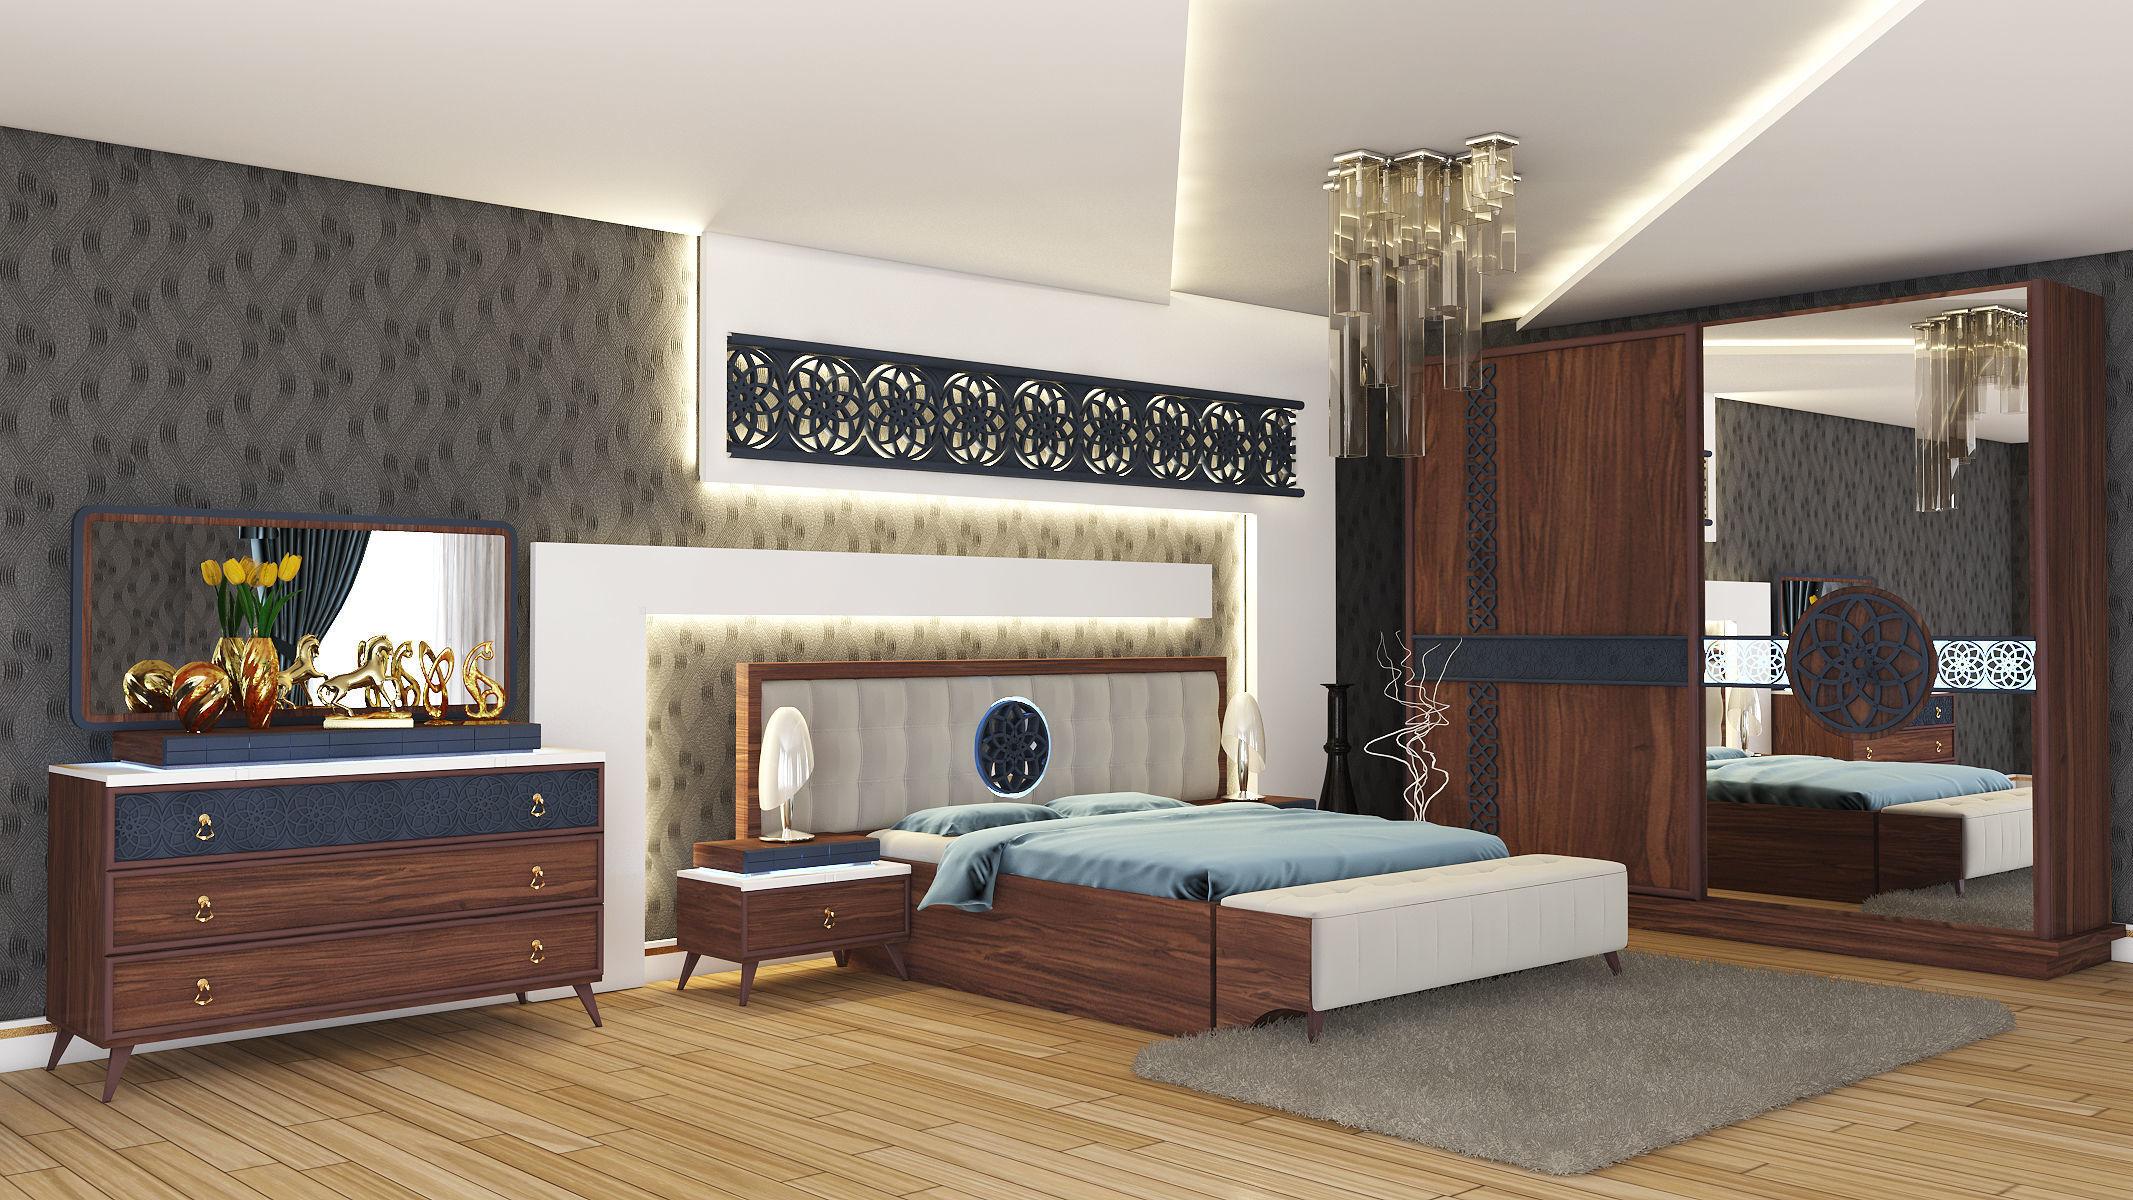 Antakya Bedroom Interior Design 3D model   CGTrader on Model Bedroom Interior Design  id=13976